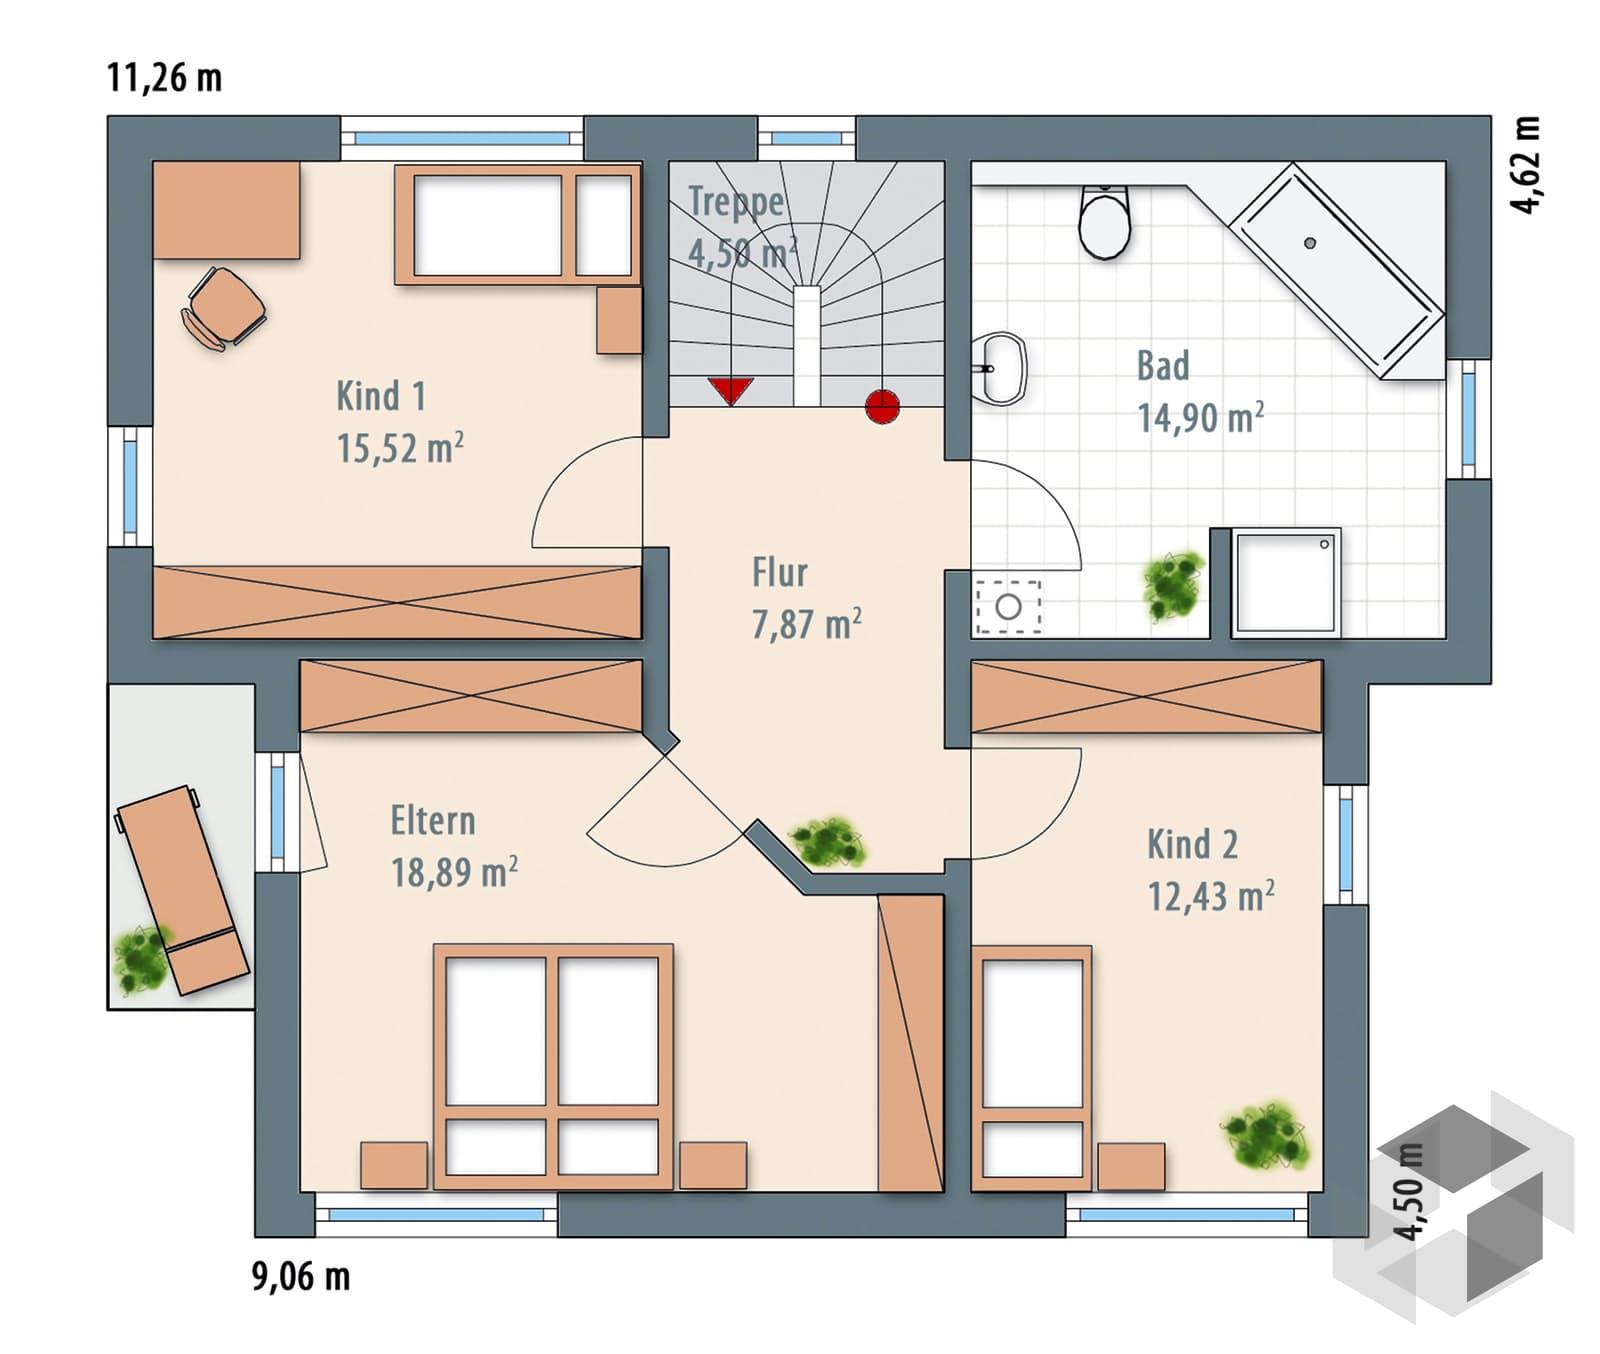 edition 141 von wolf haus komplette daten bersicht. Black Bedroom Furniture Sets. Home Design Ideas